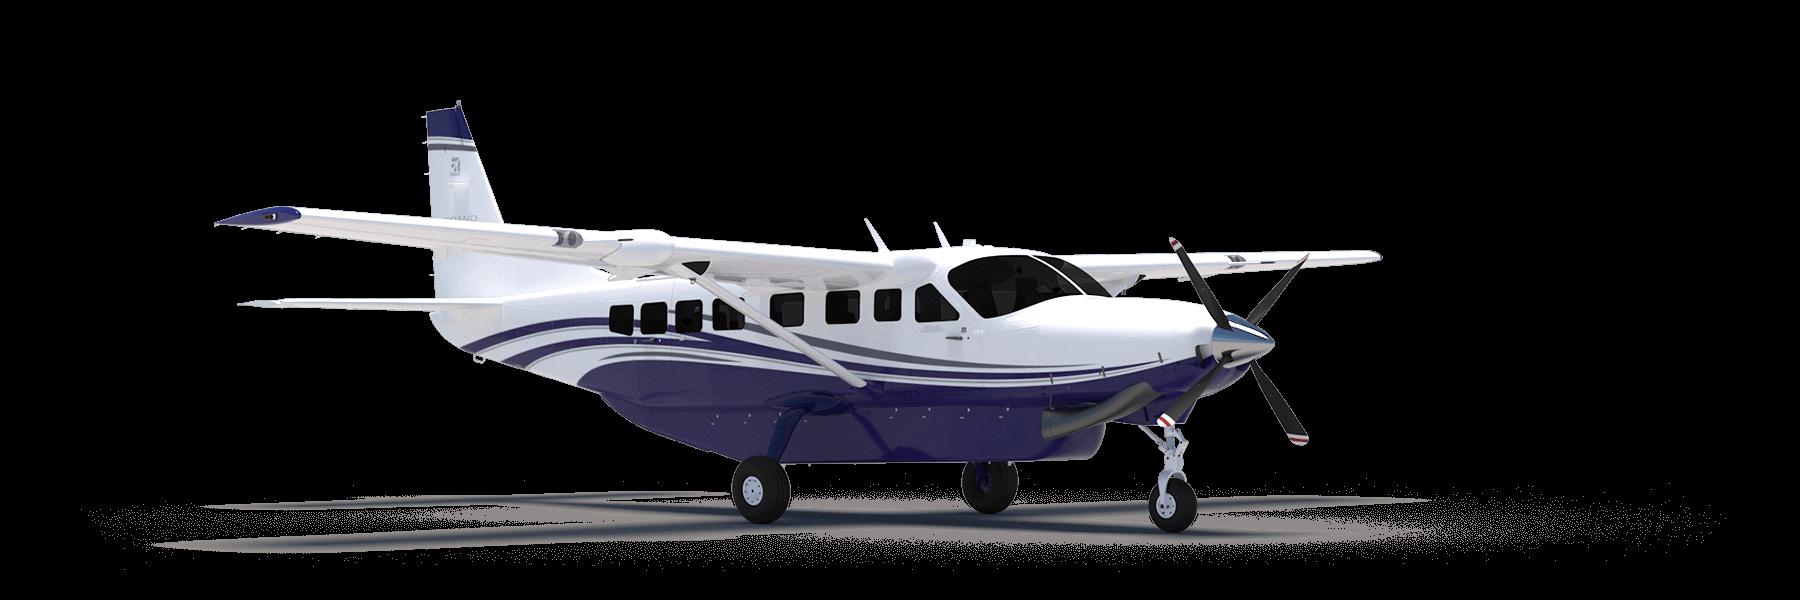 Cessna Grand Caravan EX exterior